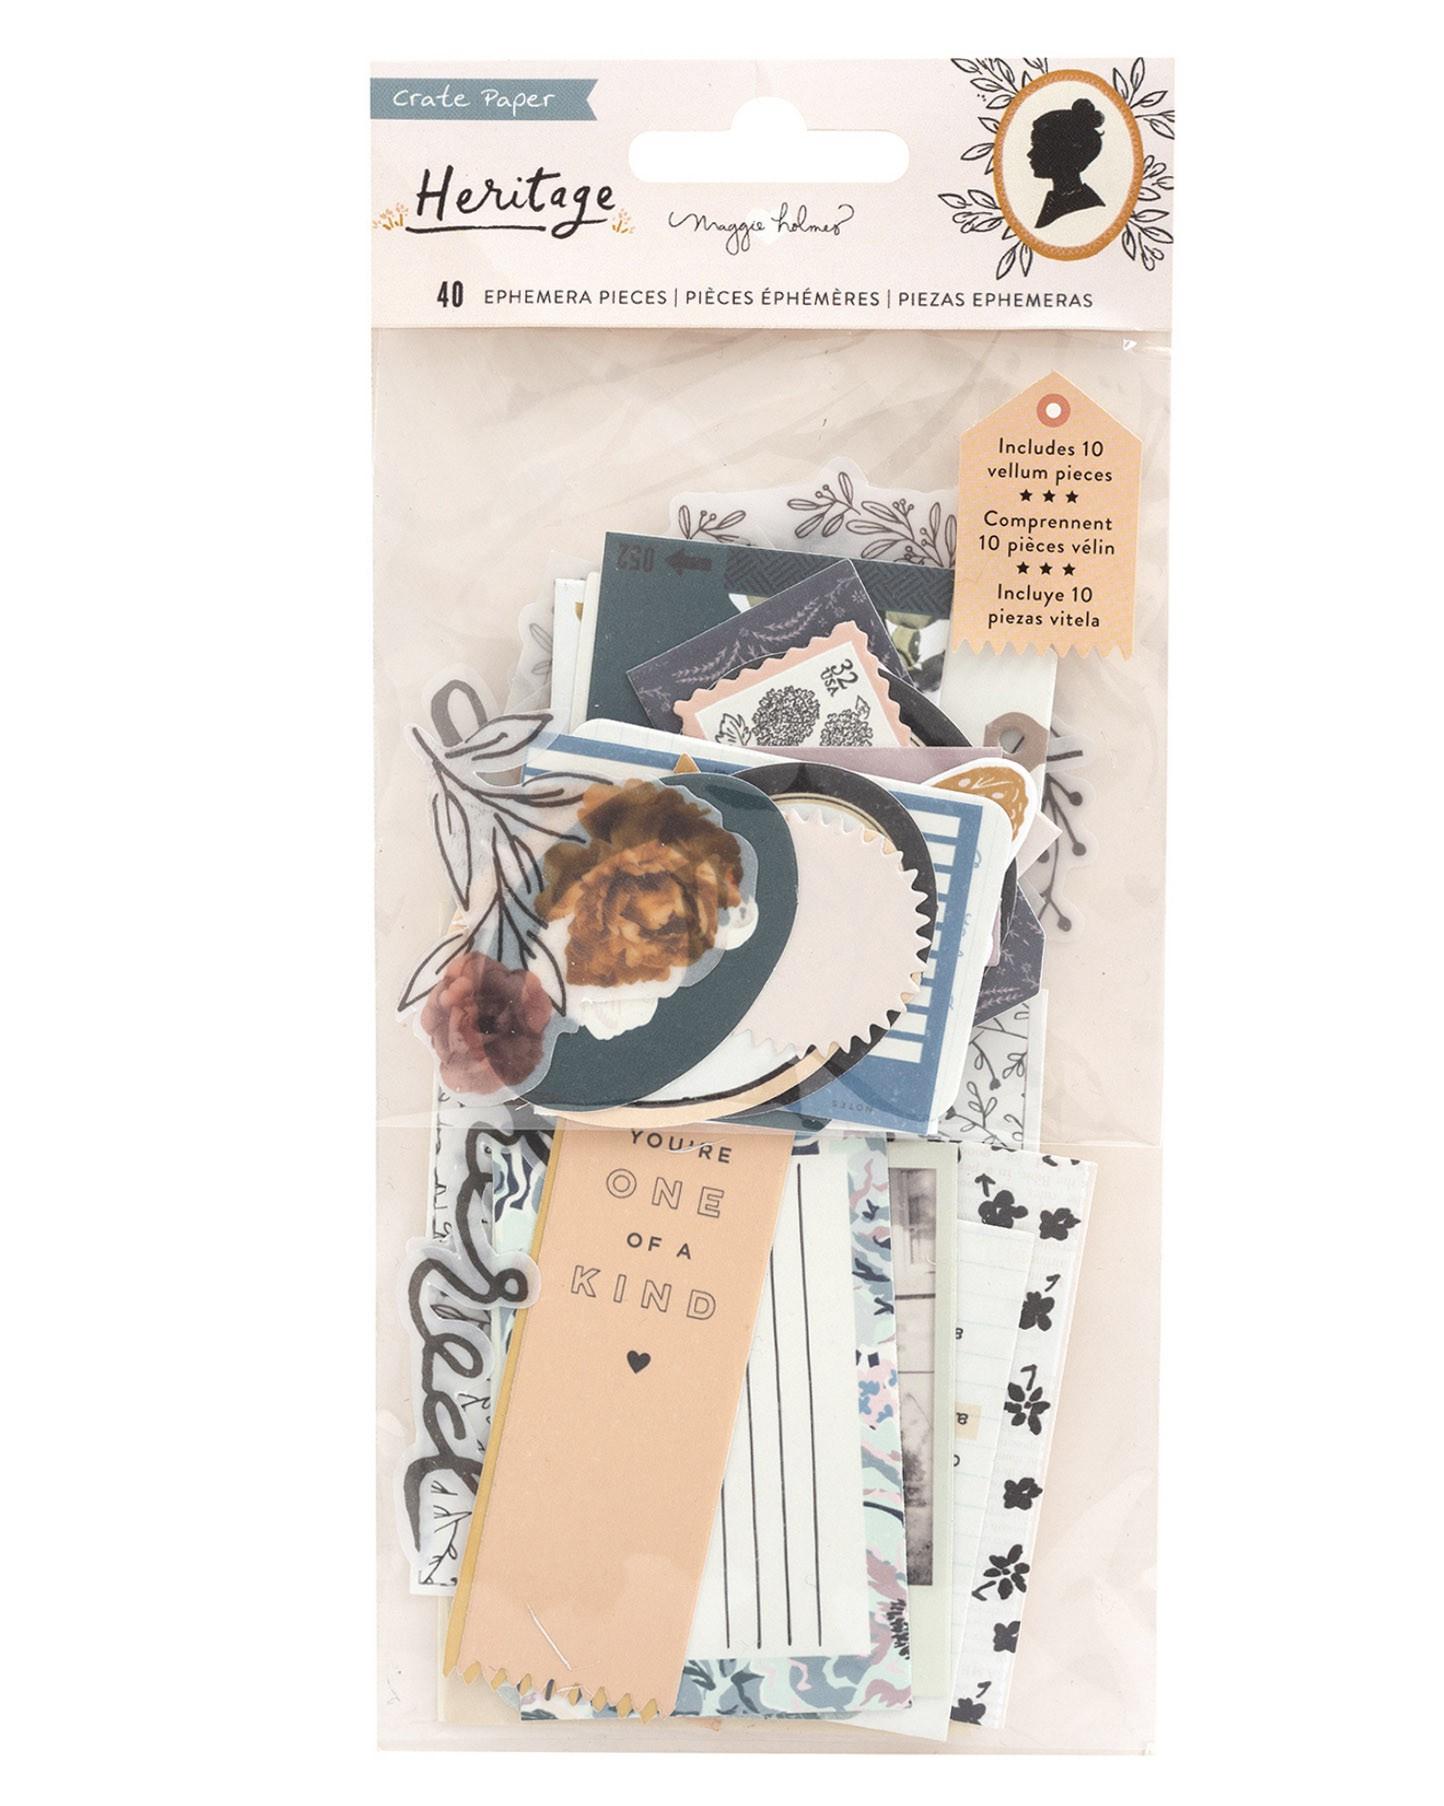 Kit de apliques - Heritage Crate Paper